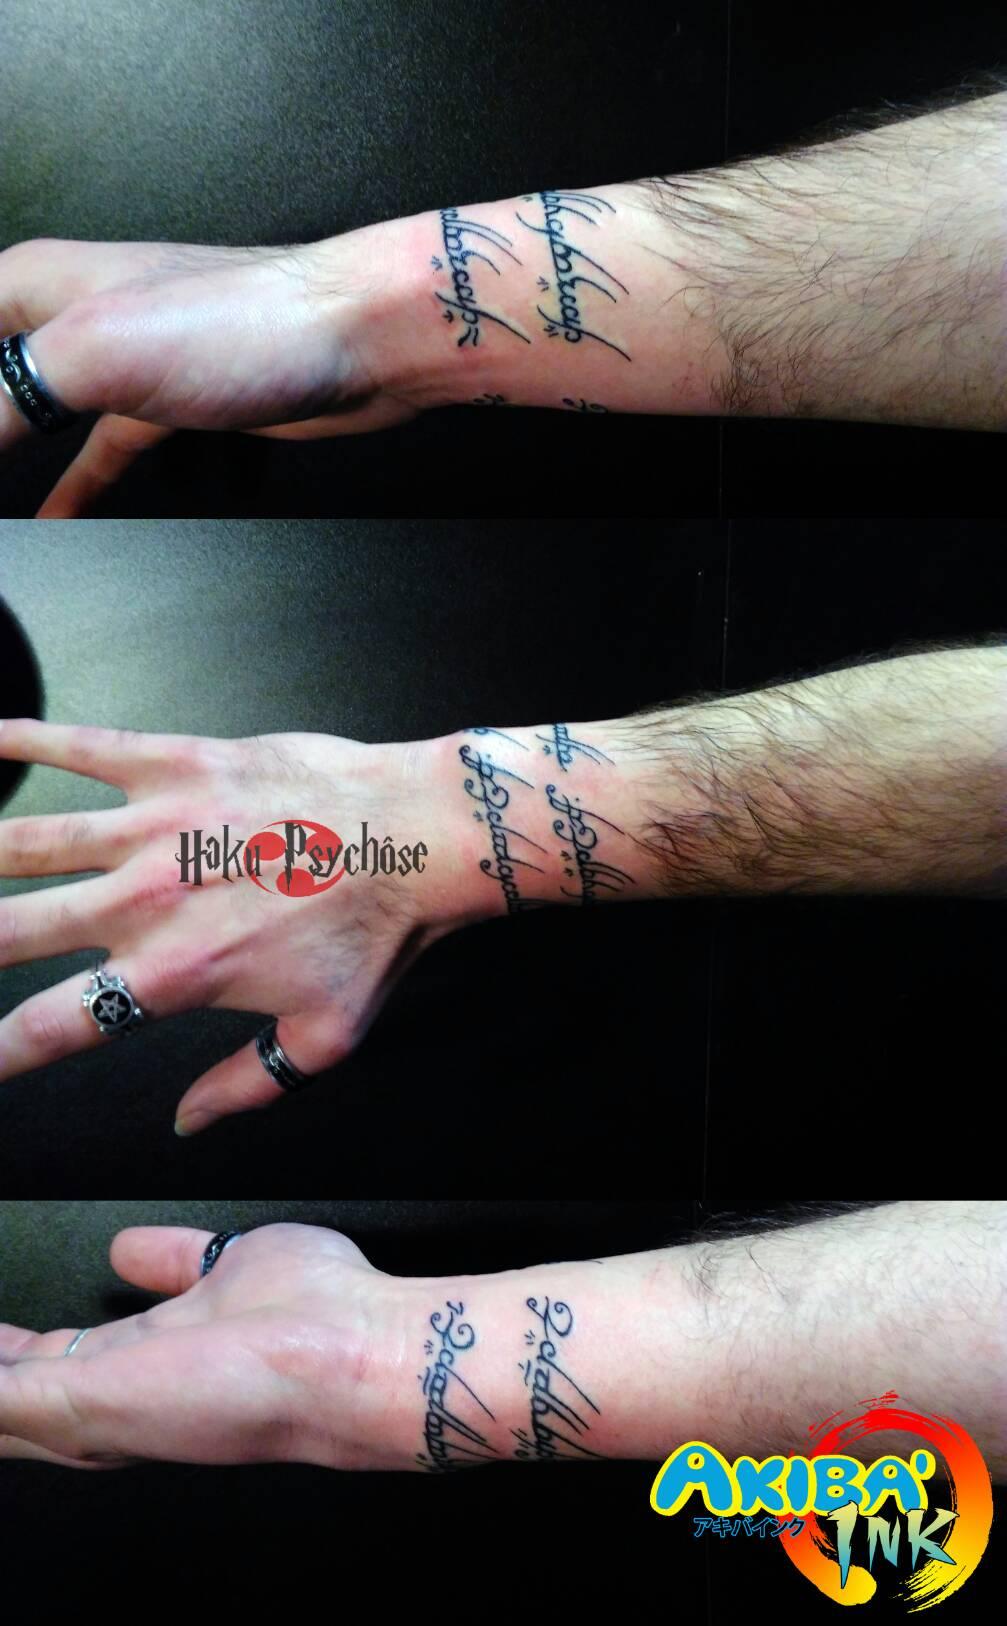 Akiba\u0027ink akibaink haku psychose hakupsychose tperforator perforator tattoo  piercing montpellier 34 france geek heroic